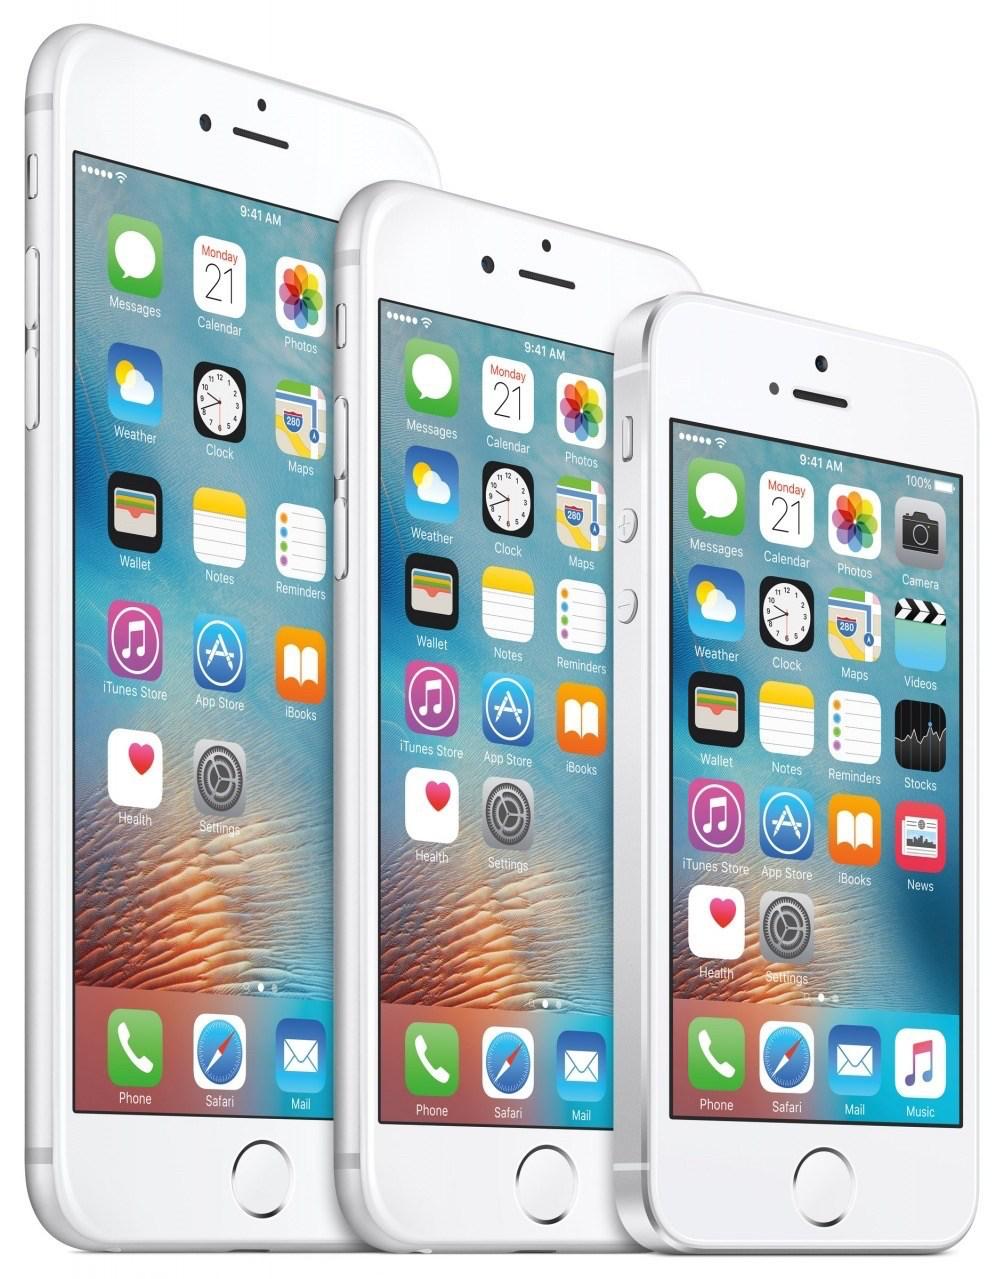 iphone se size comparison